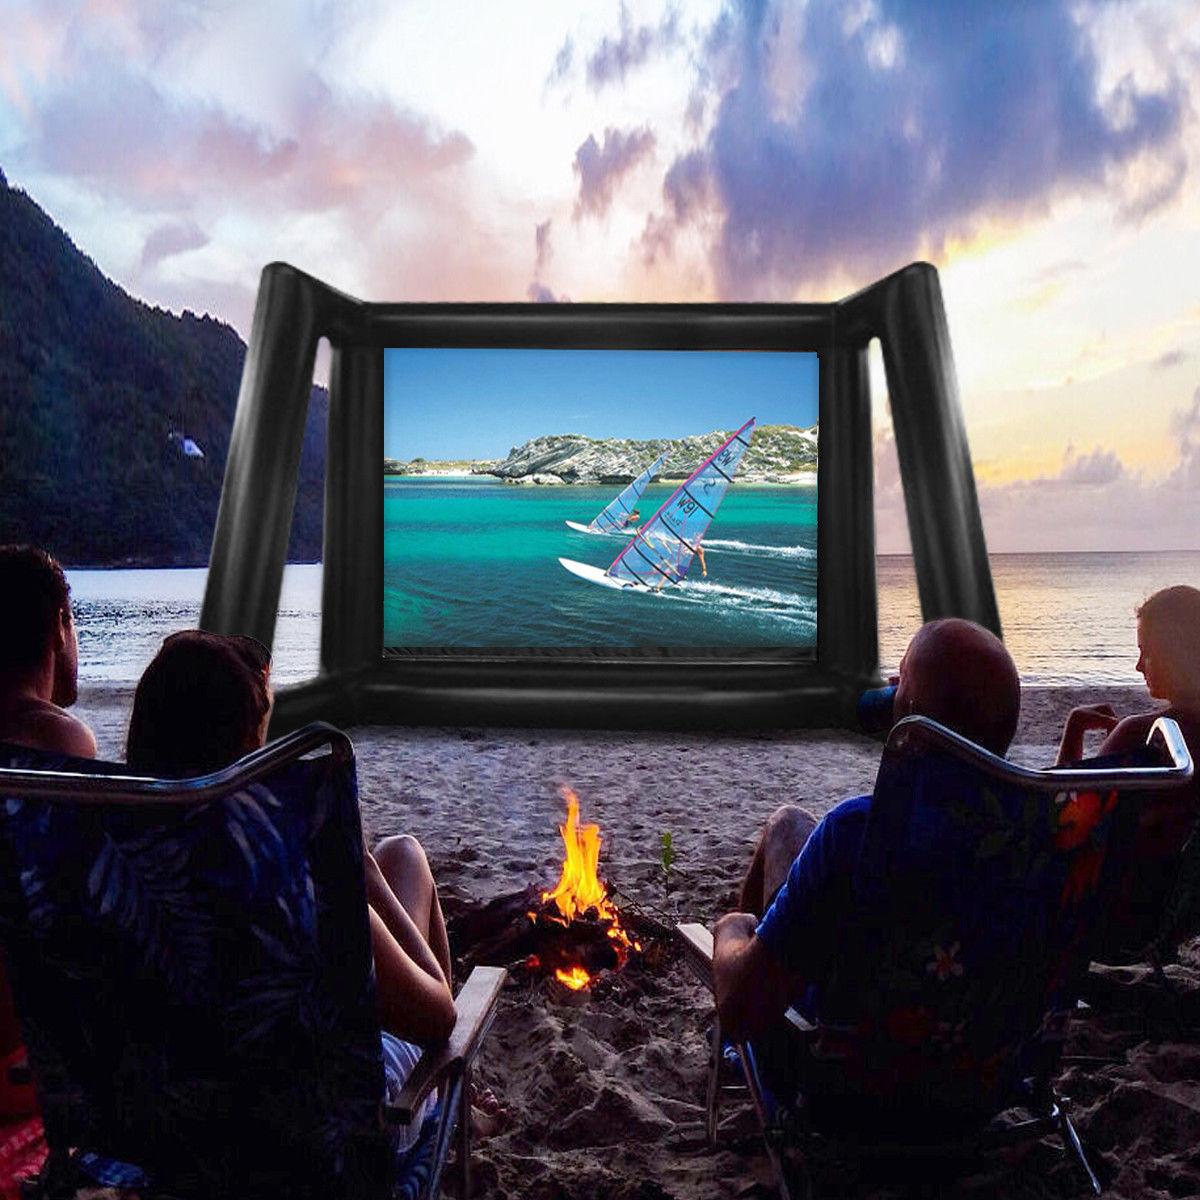 8x6m 26ftx20ft 16: 9 Aufblasbare Projektion Film Display Home Backyard Theater